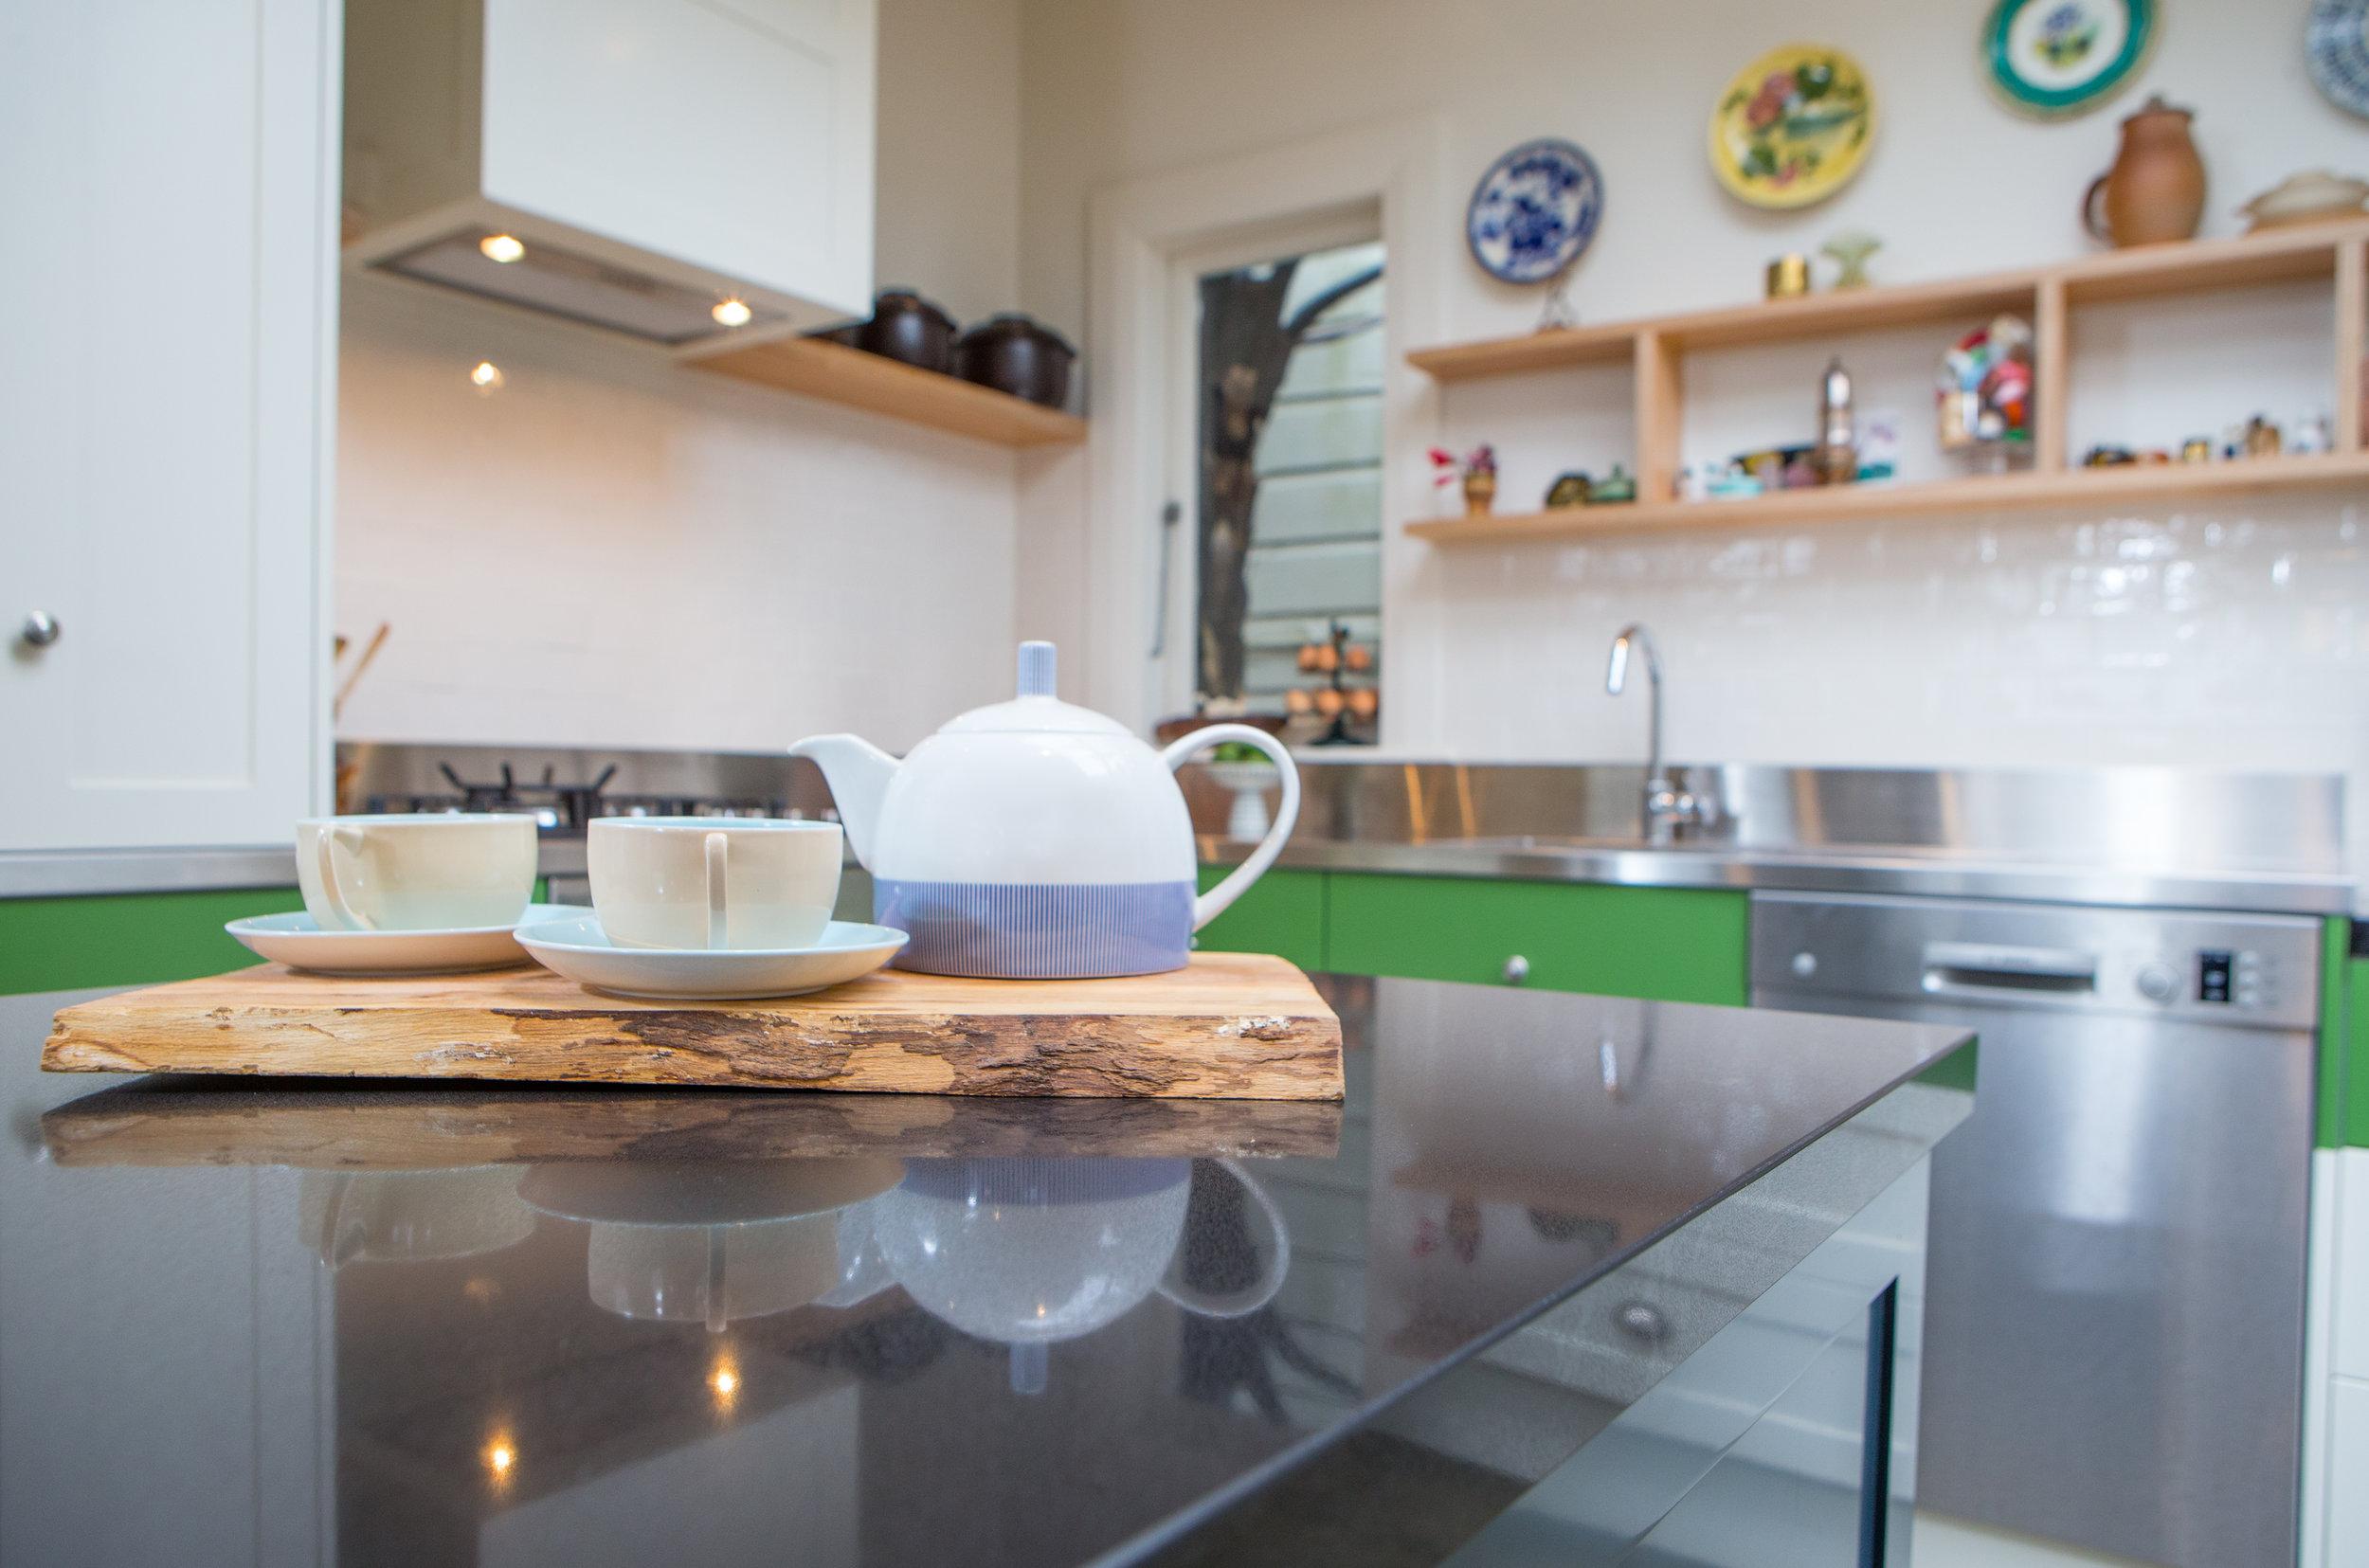 In Haus Design Green Kitchen 20.jpg